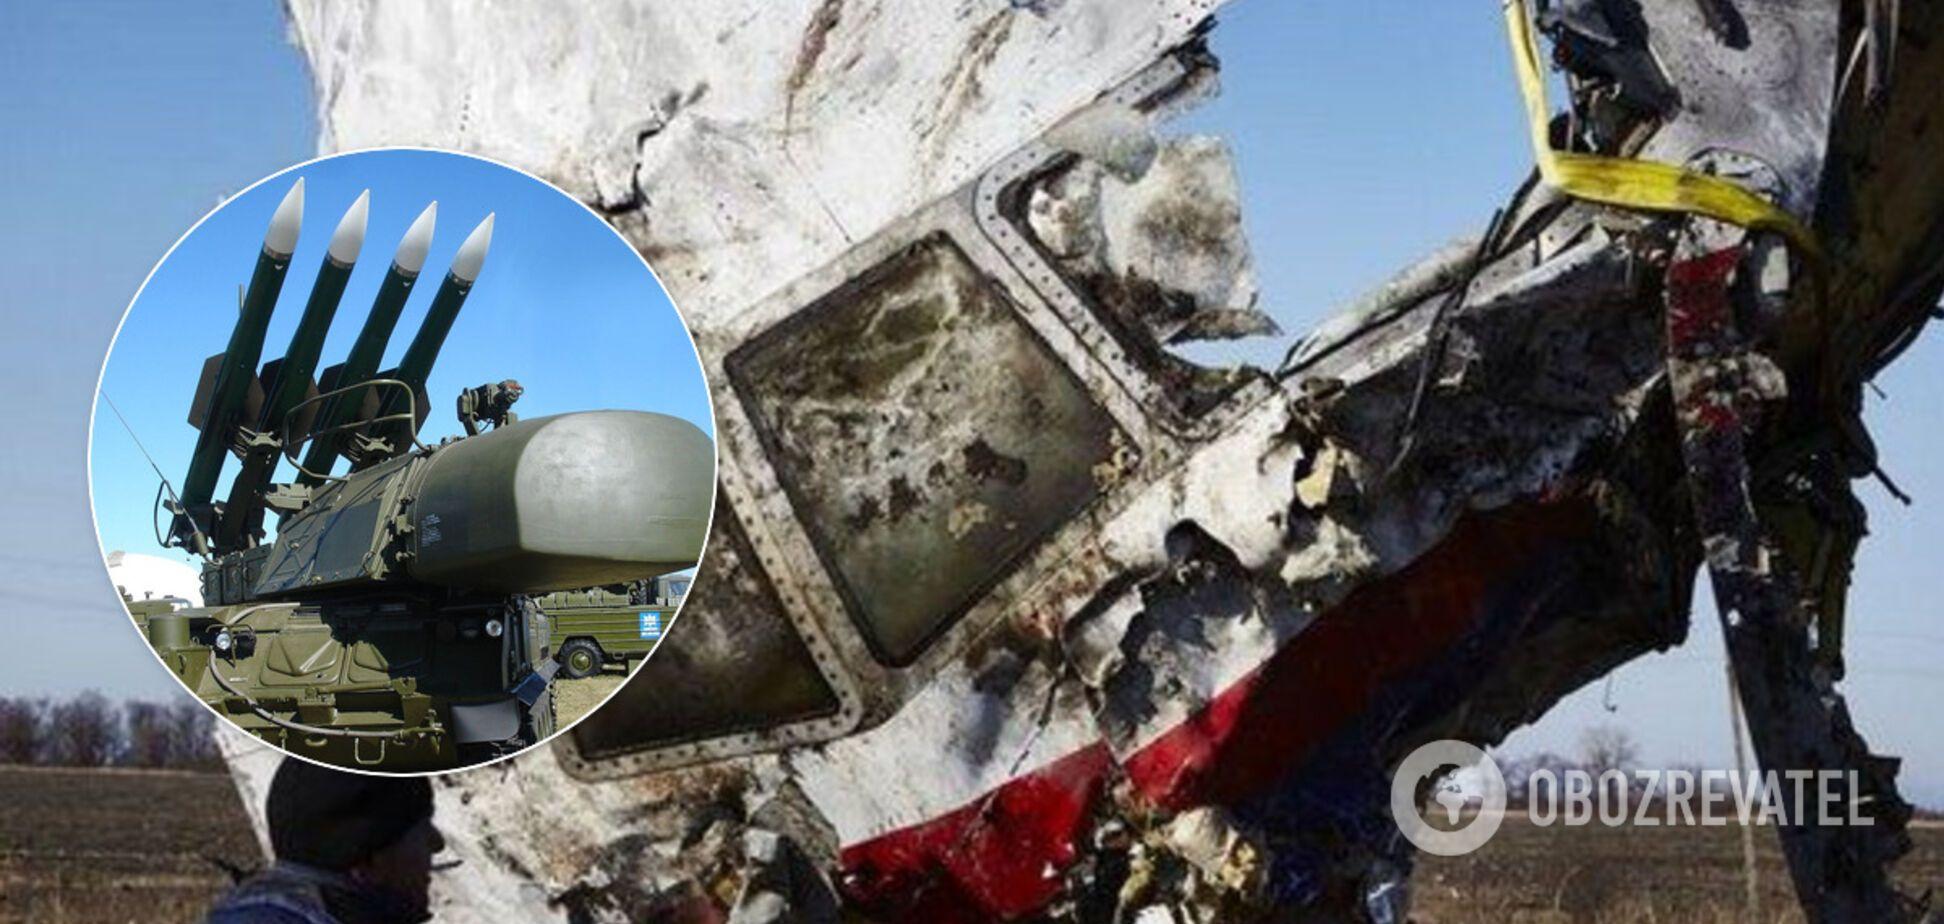 МН17 сбили из российского 'Бука': в Гааге заявили о доказательствах